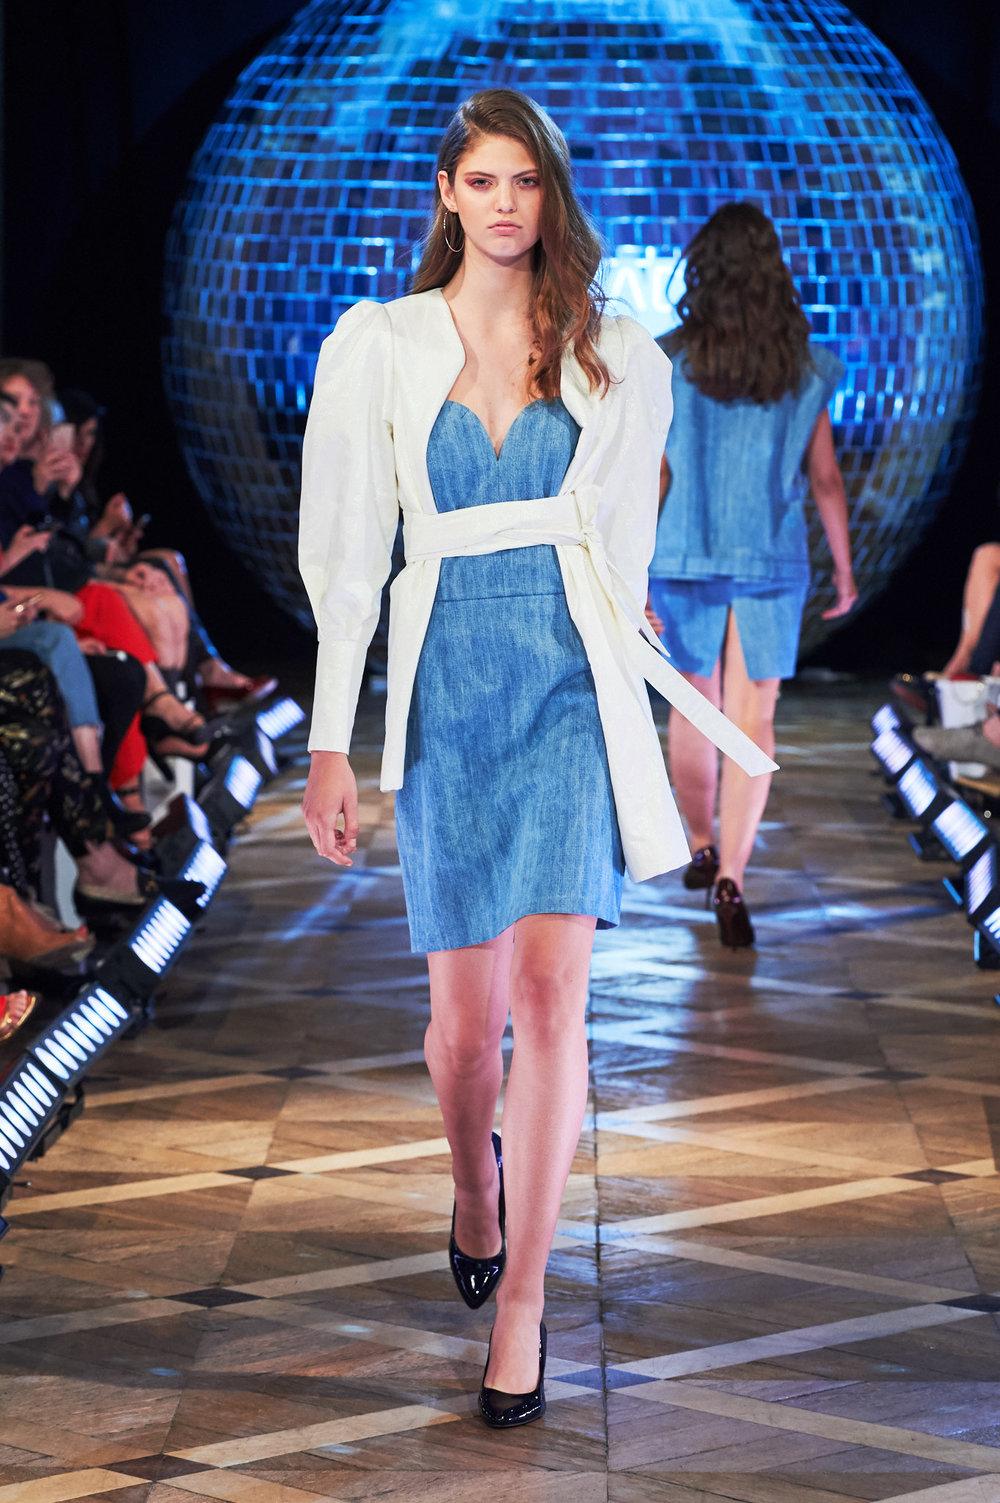 14_ZAQUAD_090519_lowres-fotFilipOkopny-FashionImages.jpg